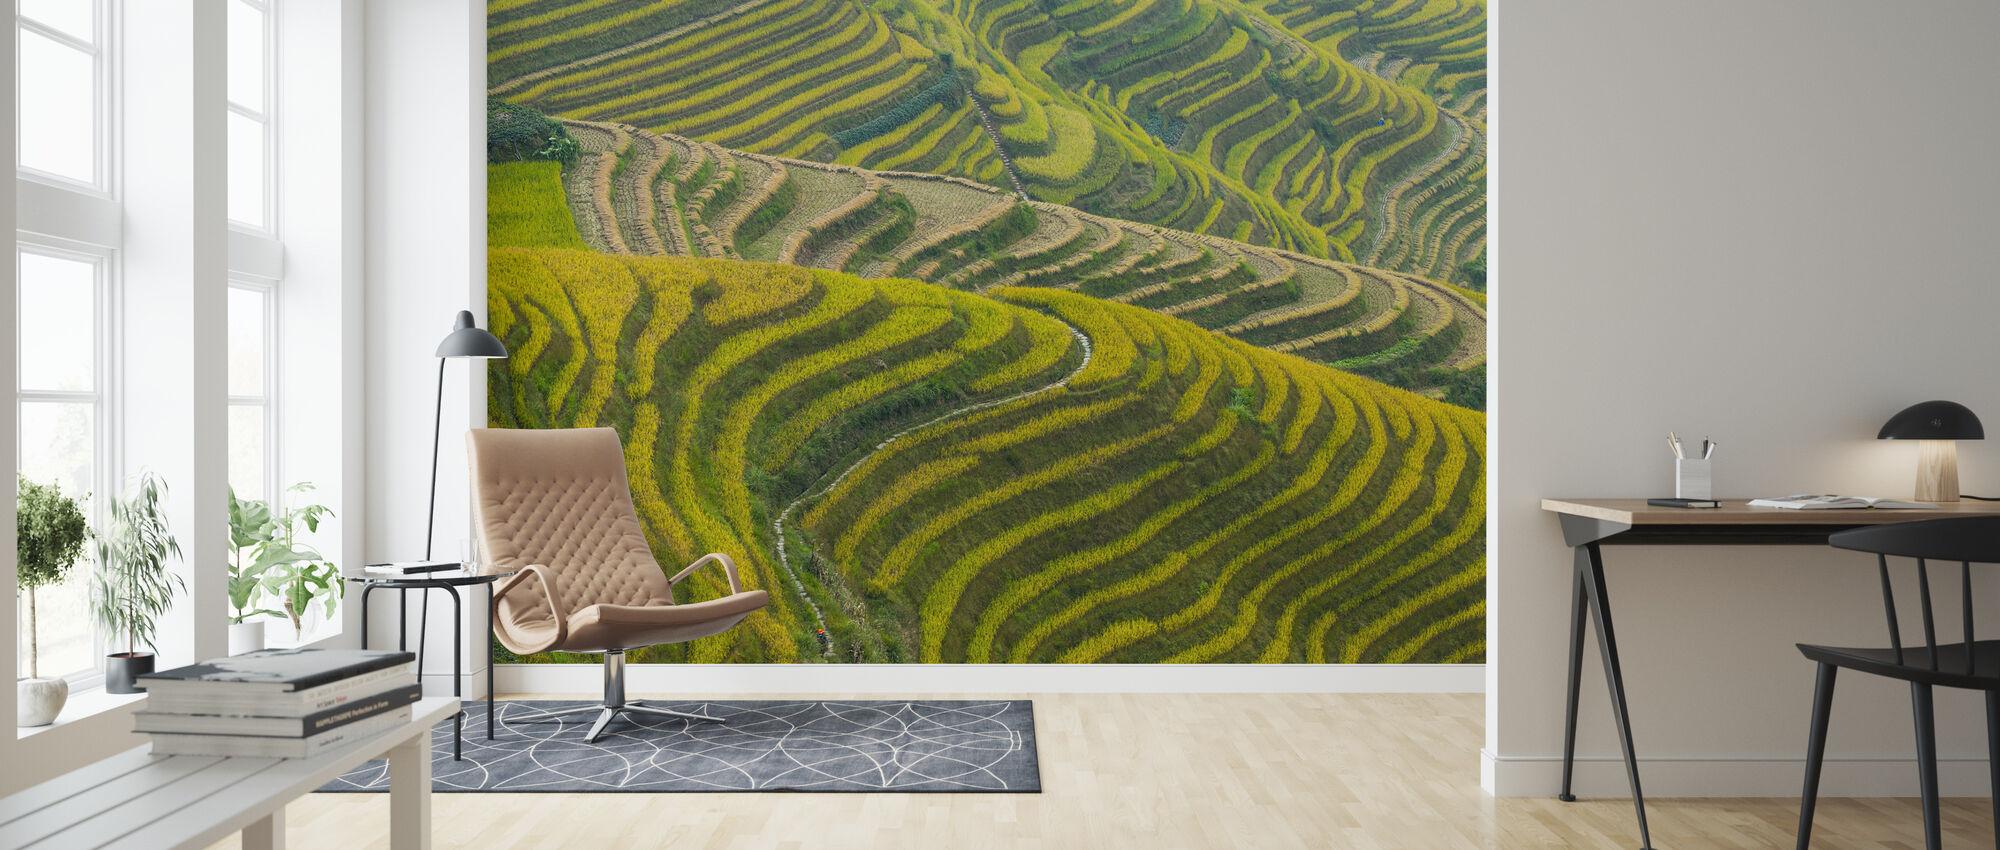 Schoonheid in de natuur, Sichuan, China - Behang - Woonkamer